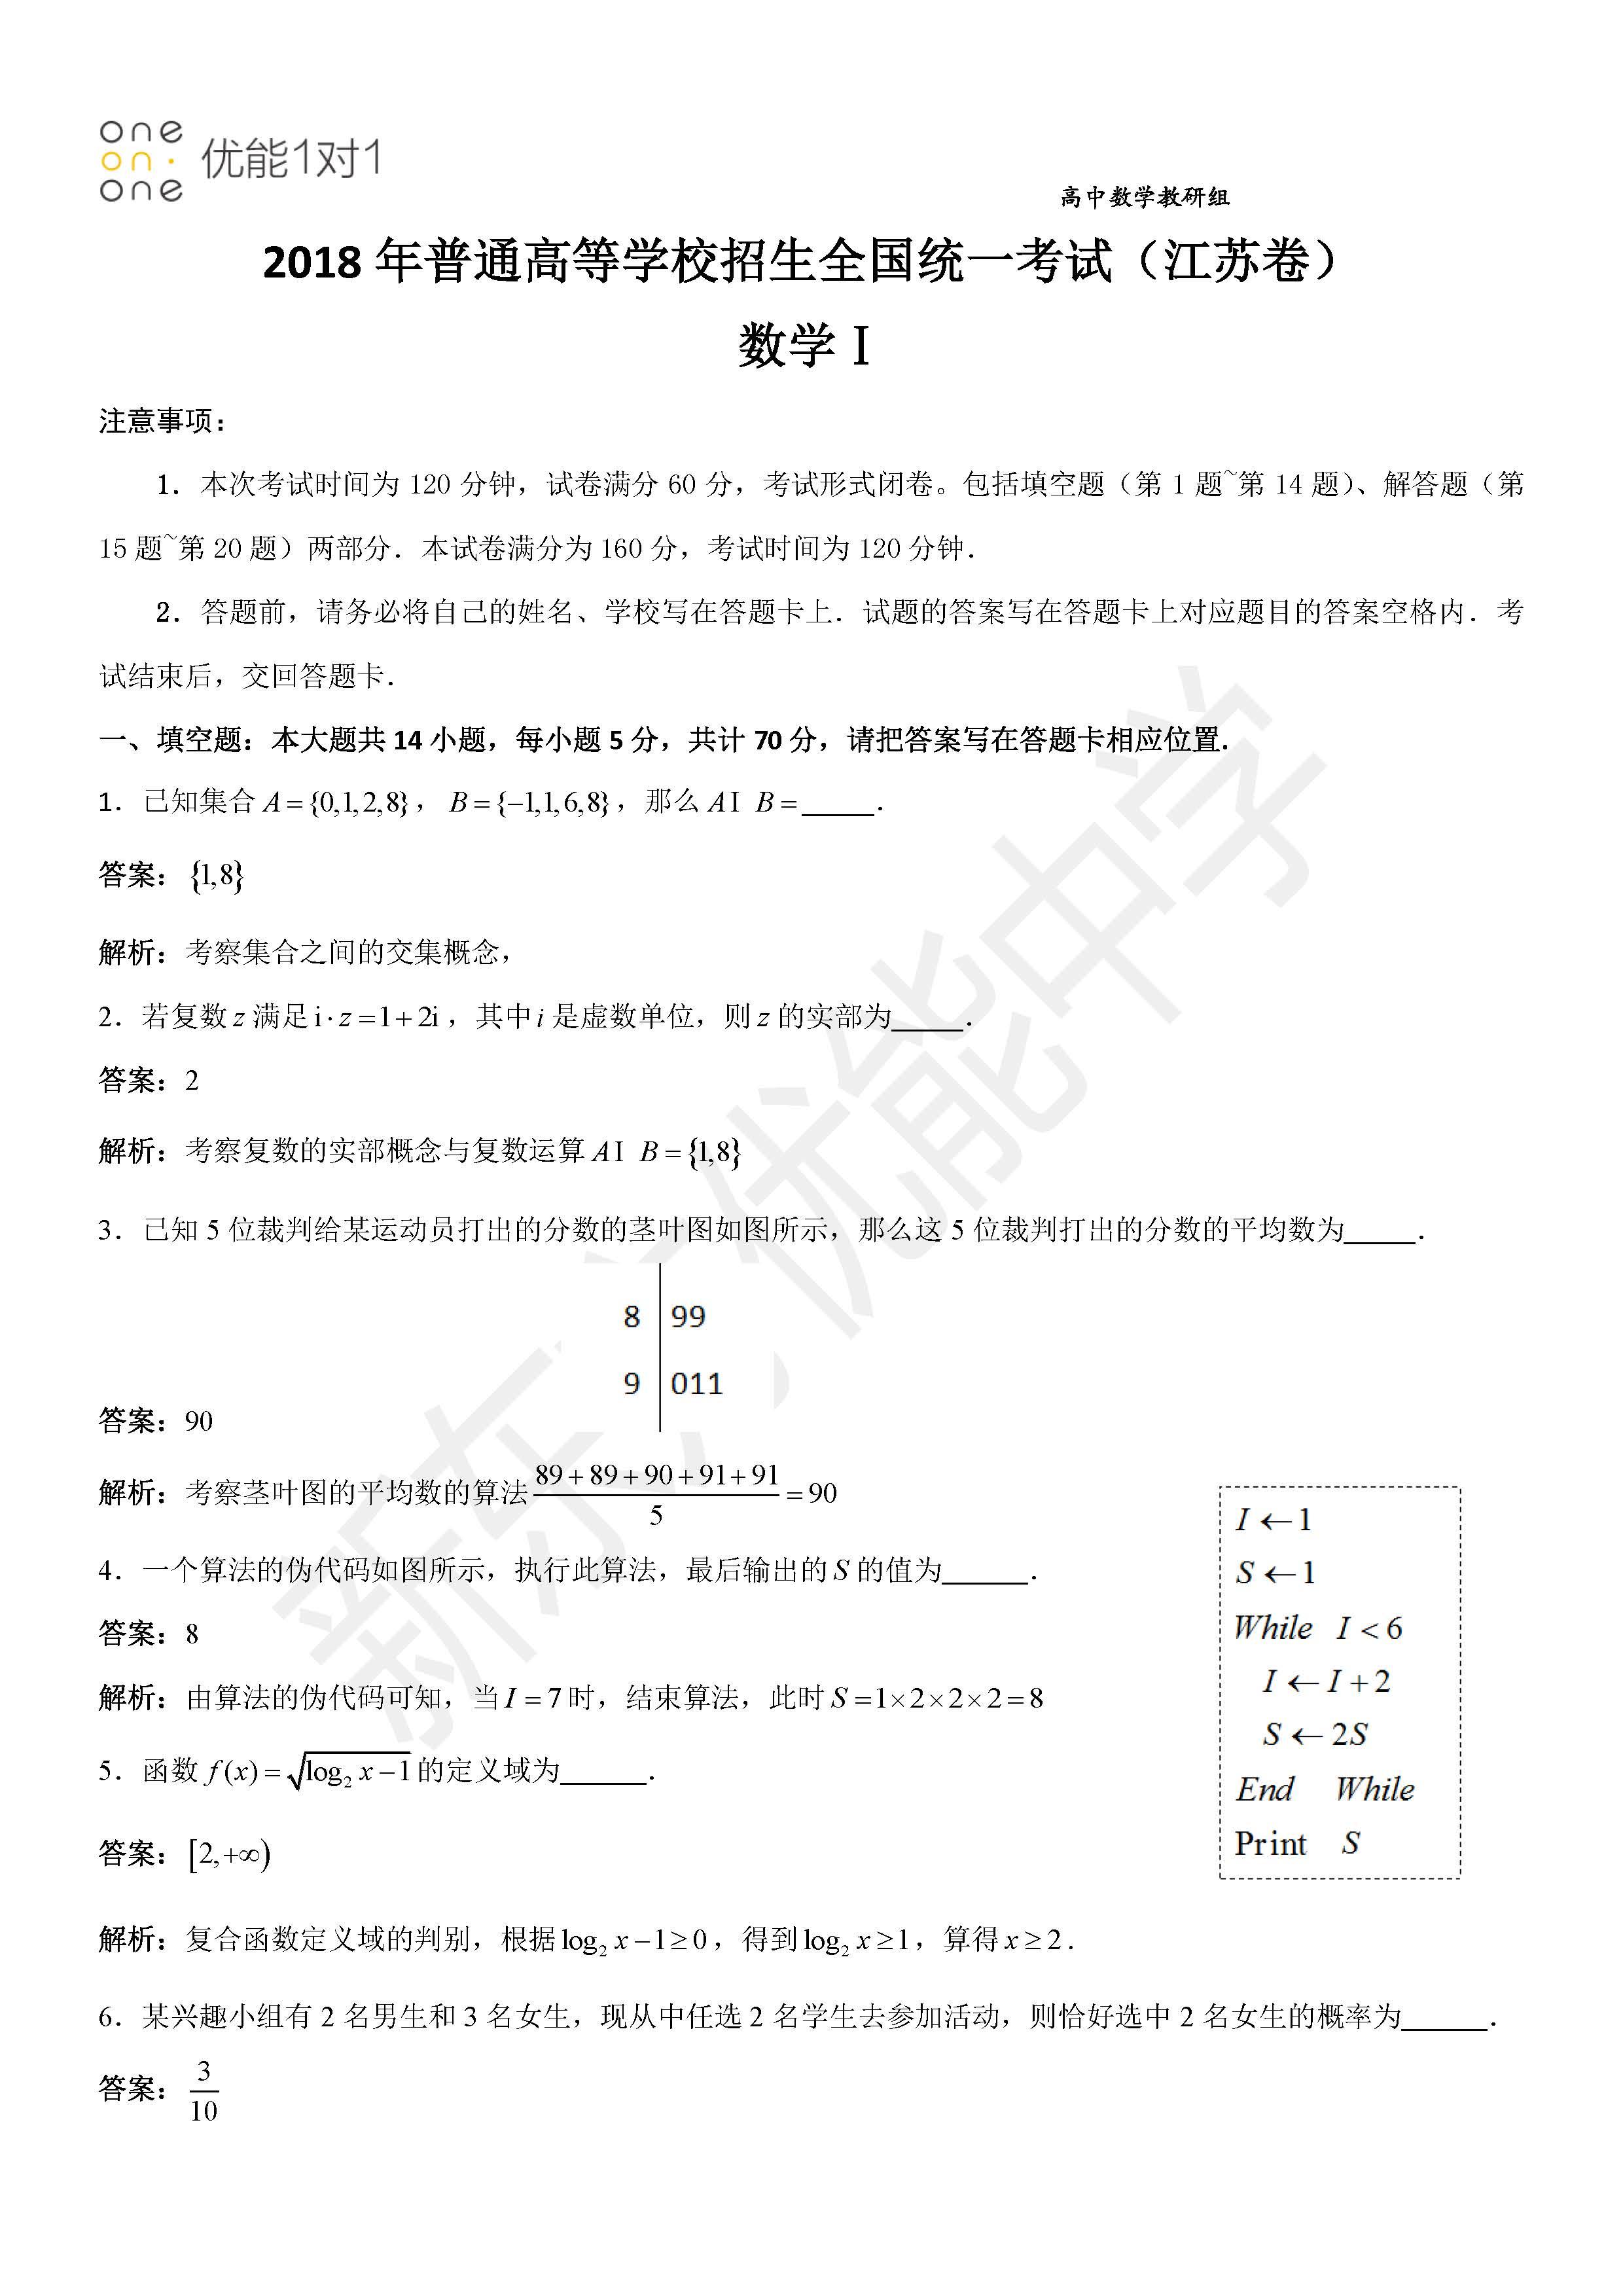 2018江苏高考数学答案逐题解析(南京新东方)